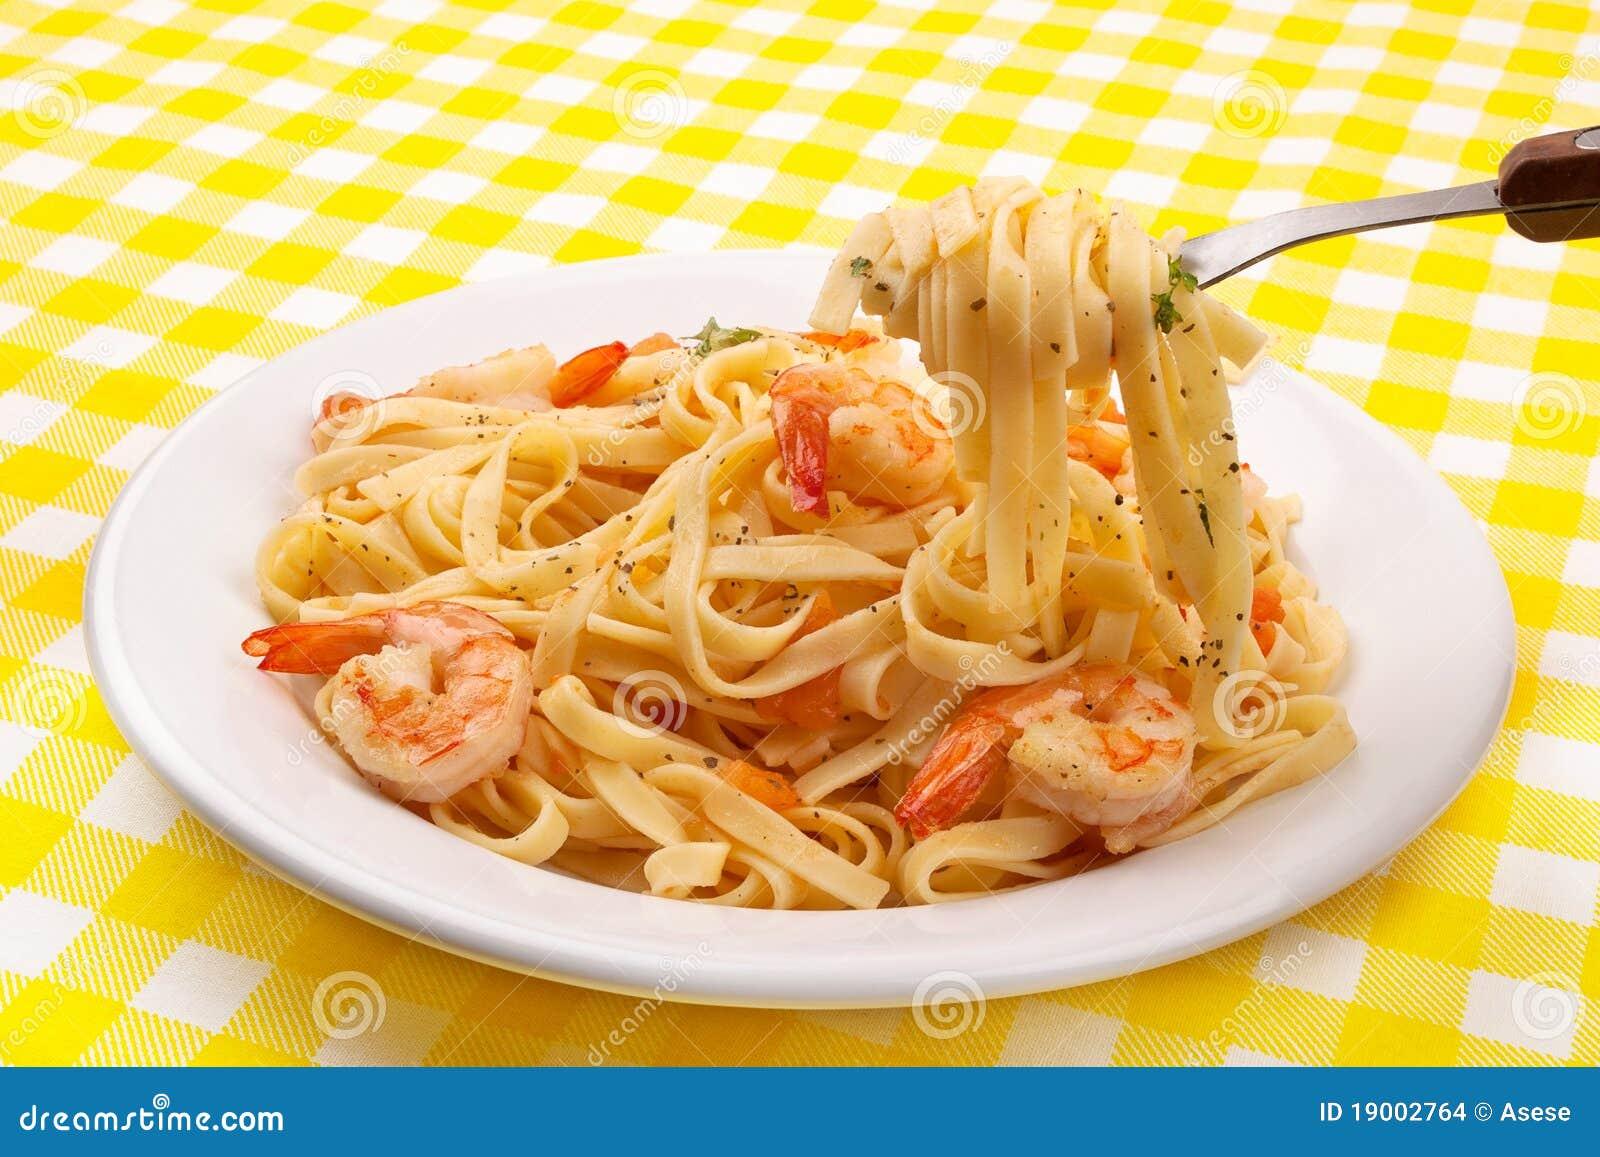 叉子意大利面食虾